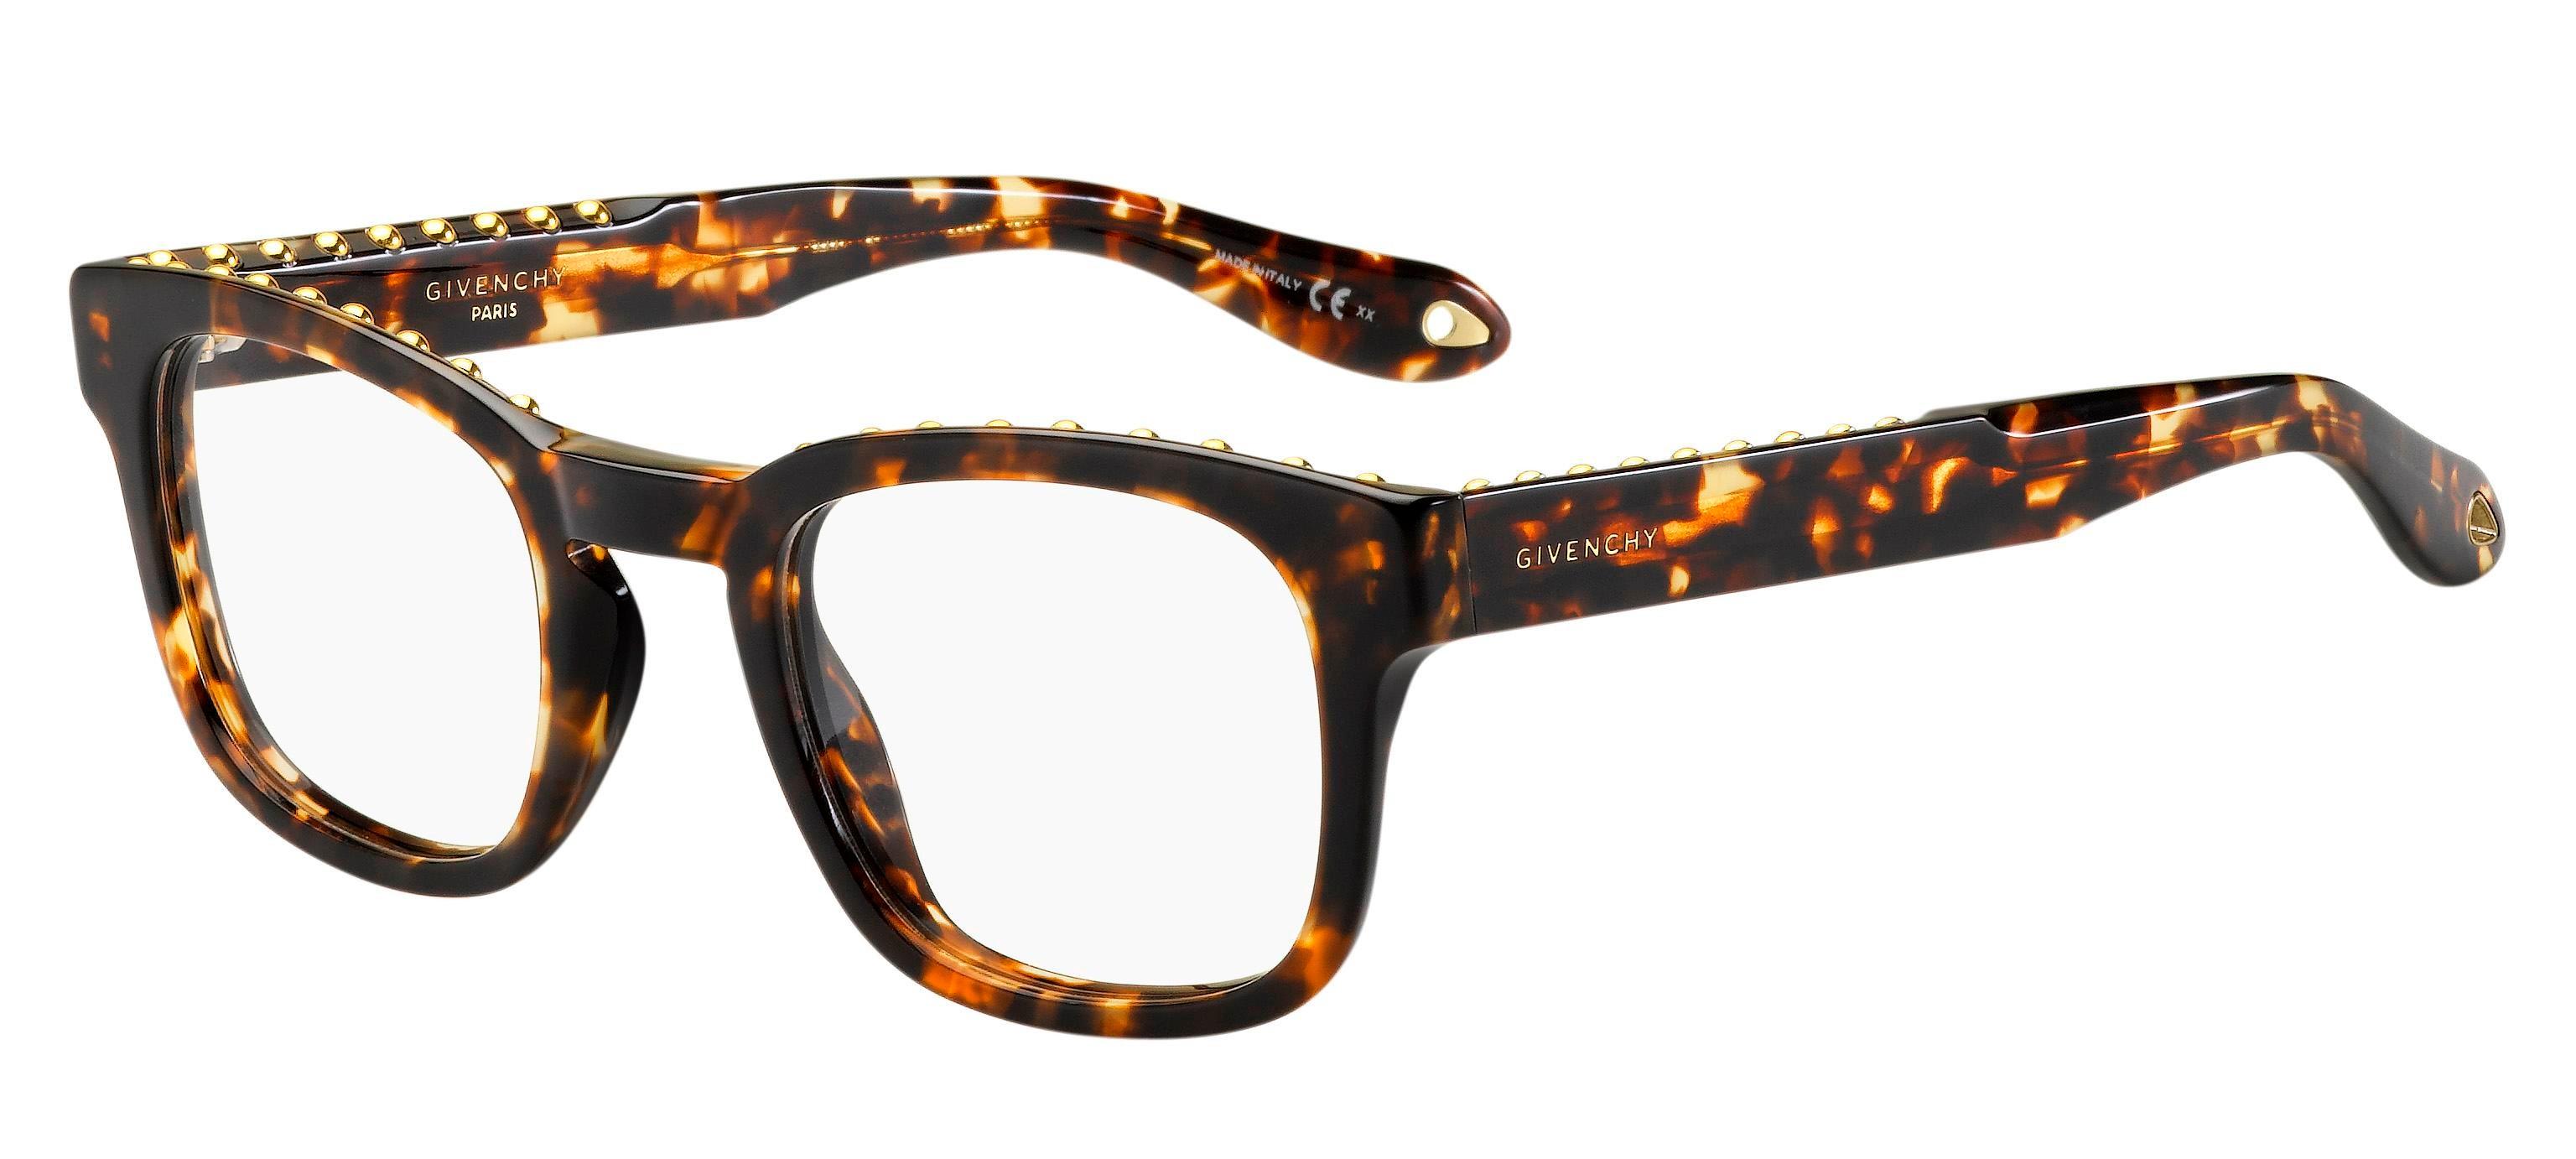 Givenchy eyeglasses GV 0006